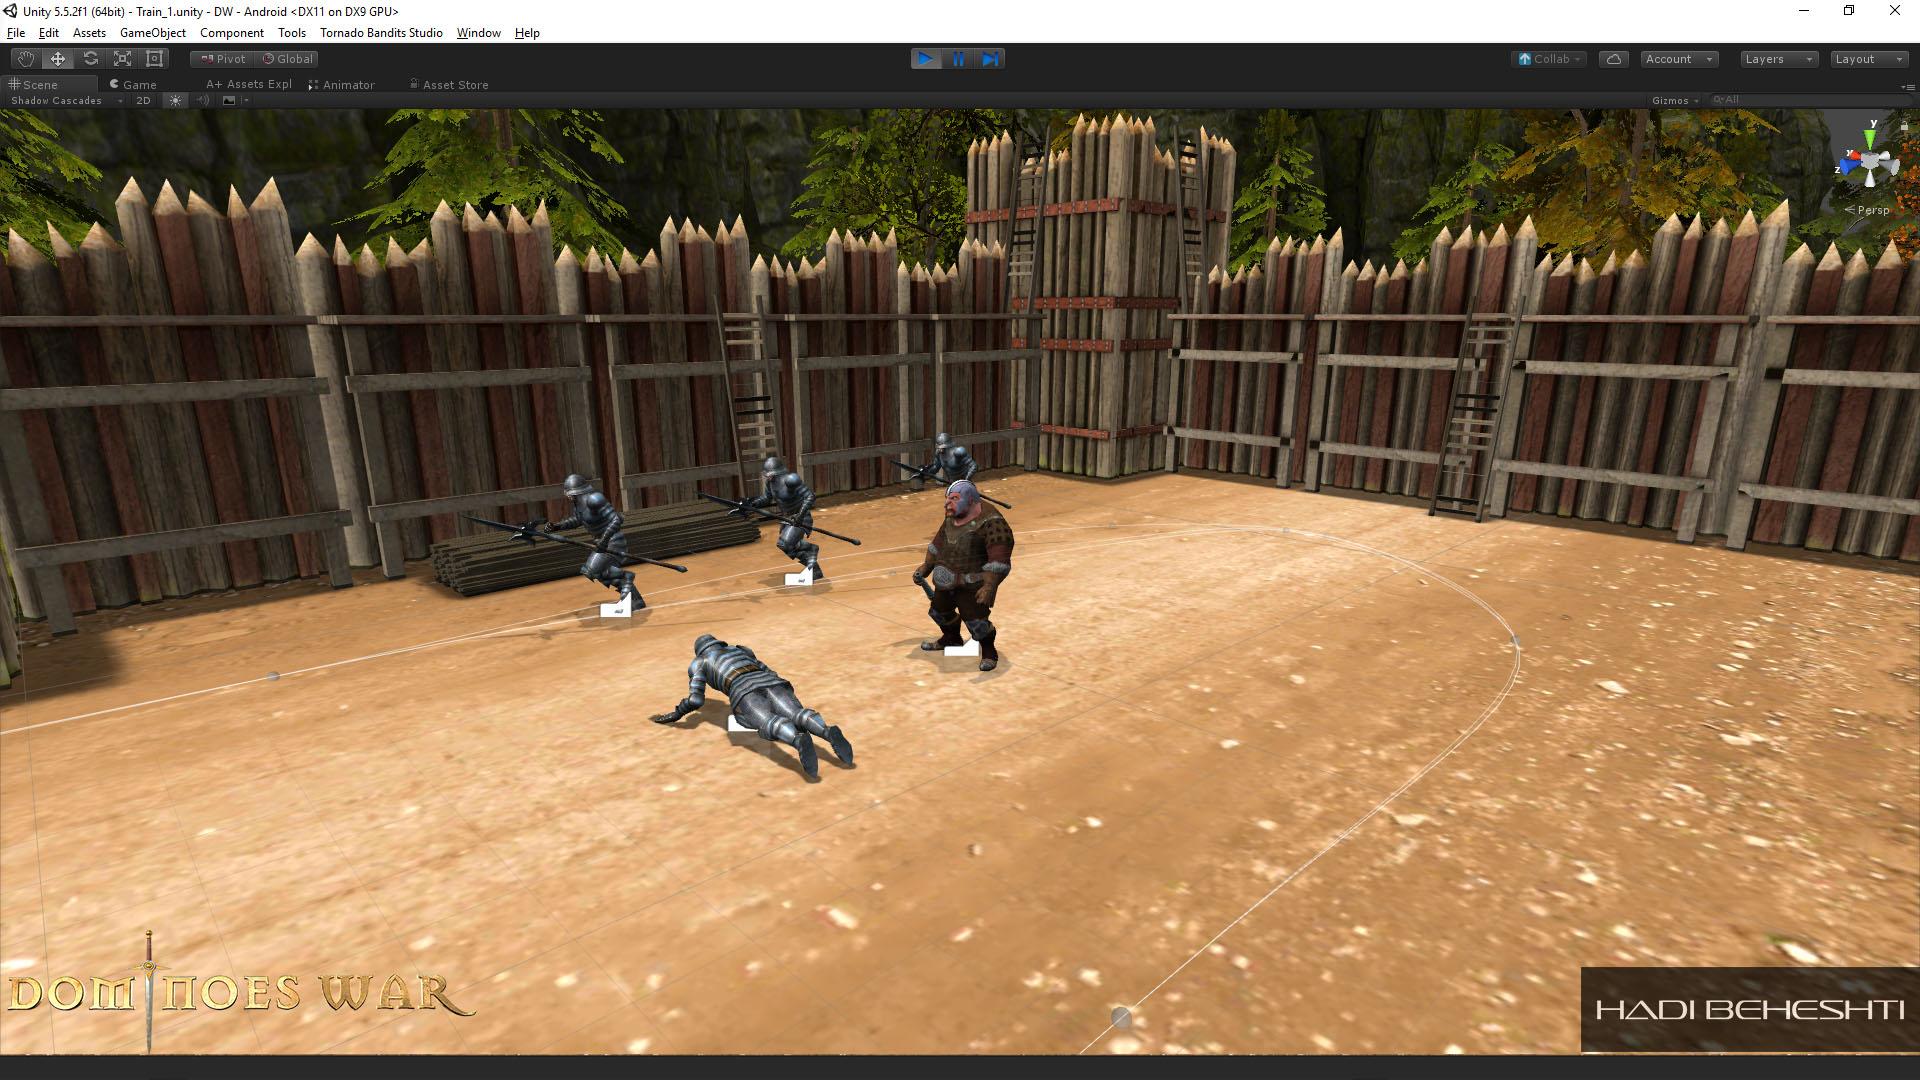 Dominoes War Game Garrison Scene Hadi Beheshti CG Artist-11